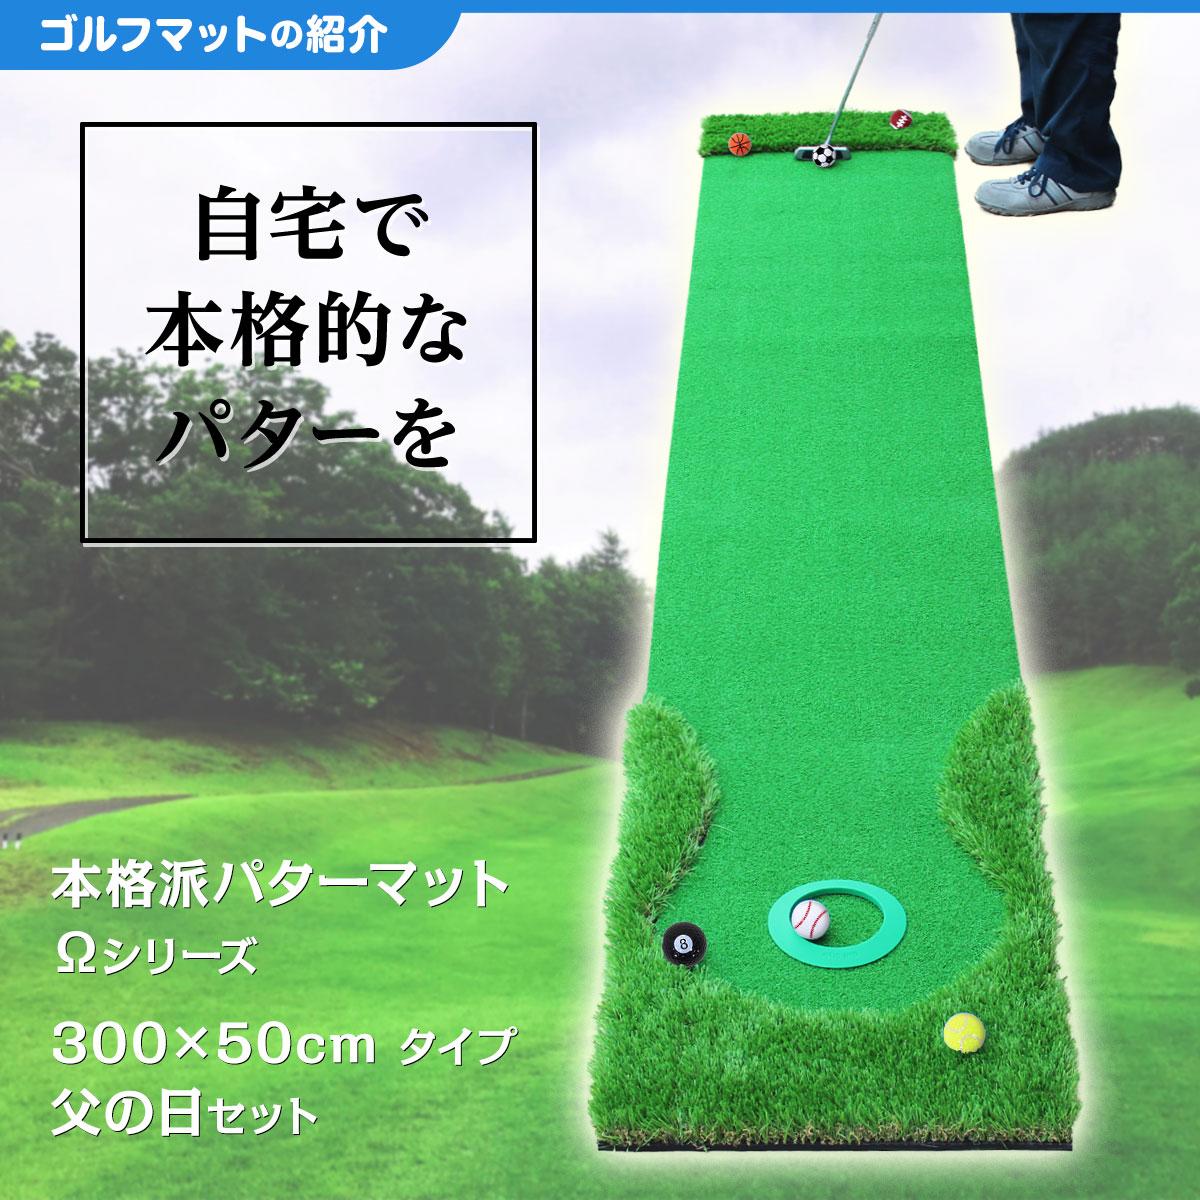 【父の日ギフト】 本格派 パターマット 練習セット ゴルフ パター 人工芝 300×50cm Ωシリーズ